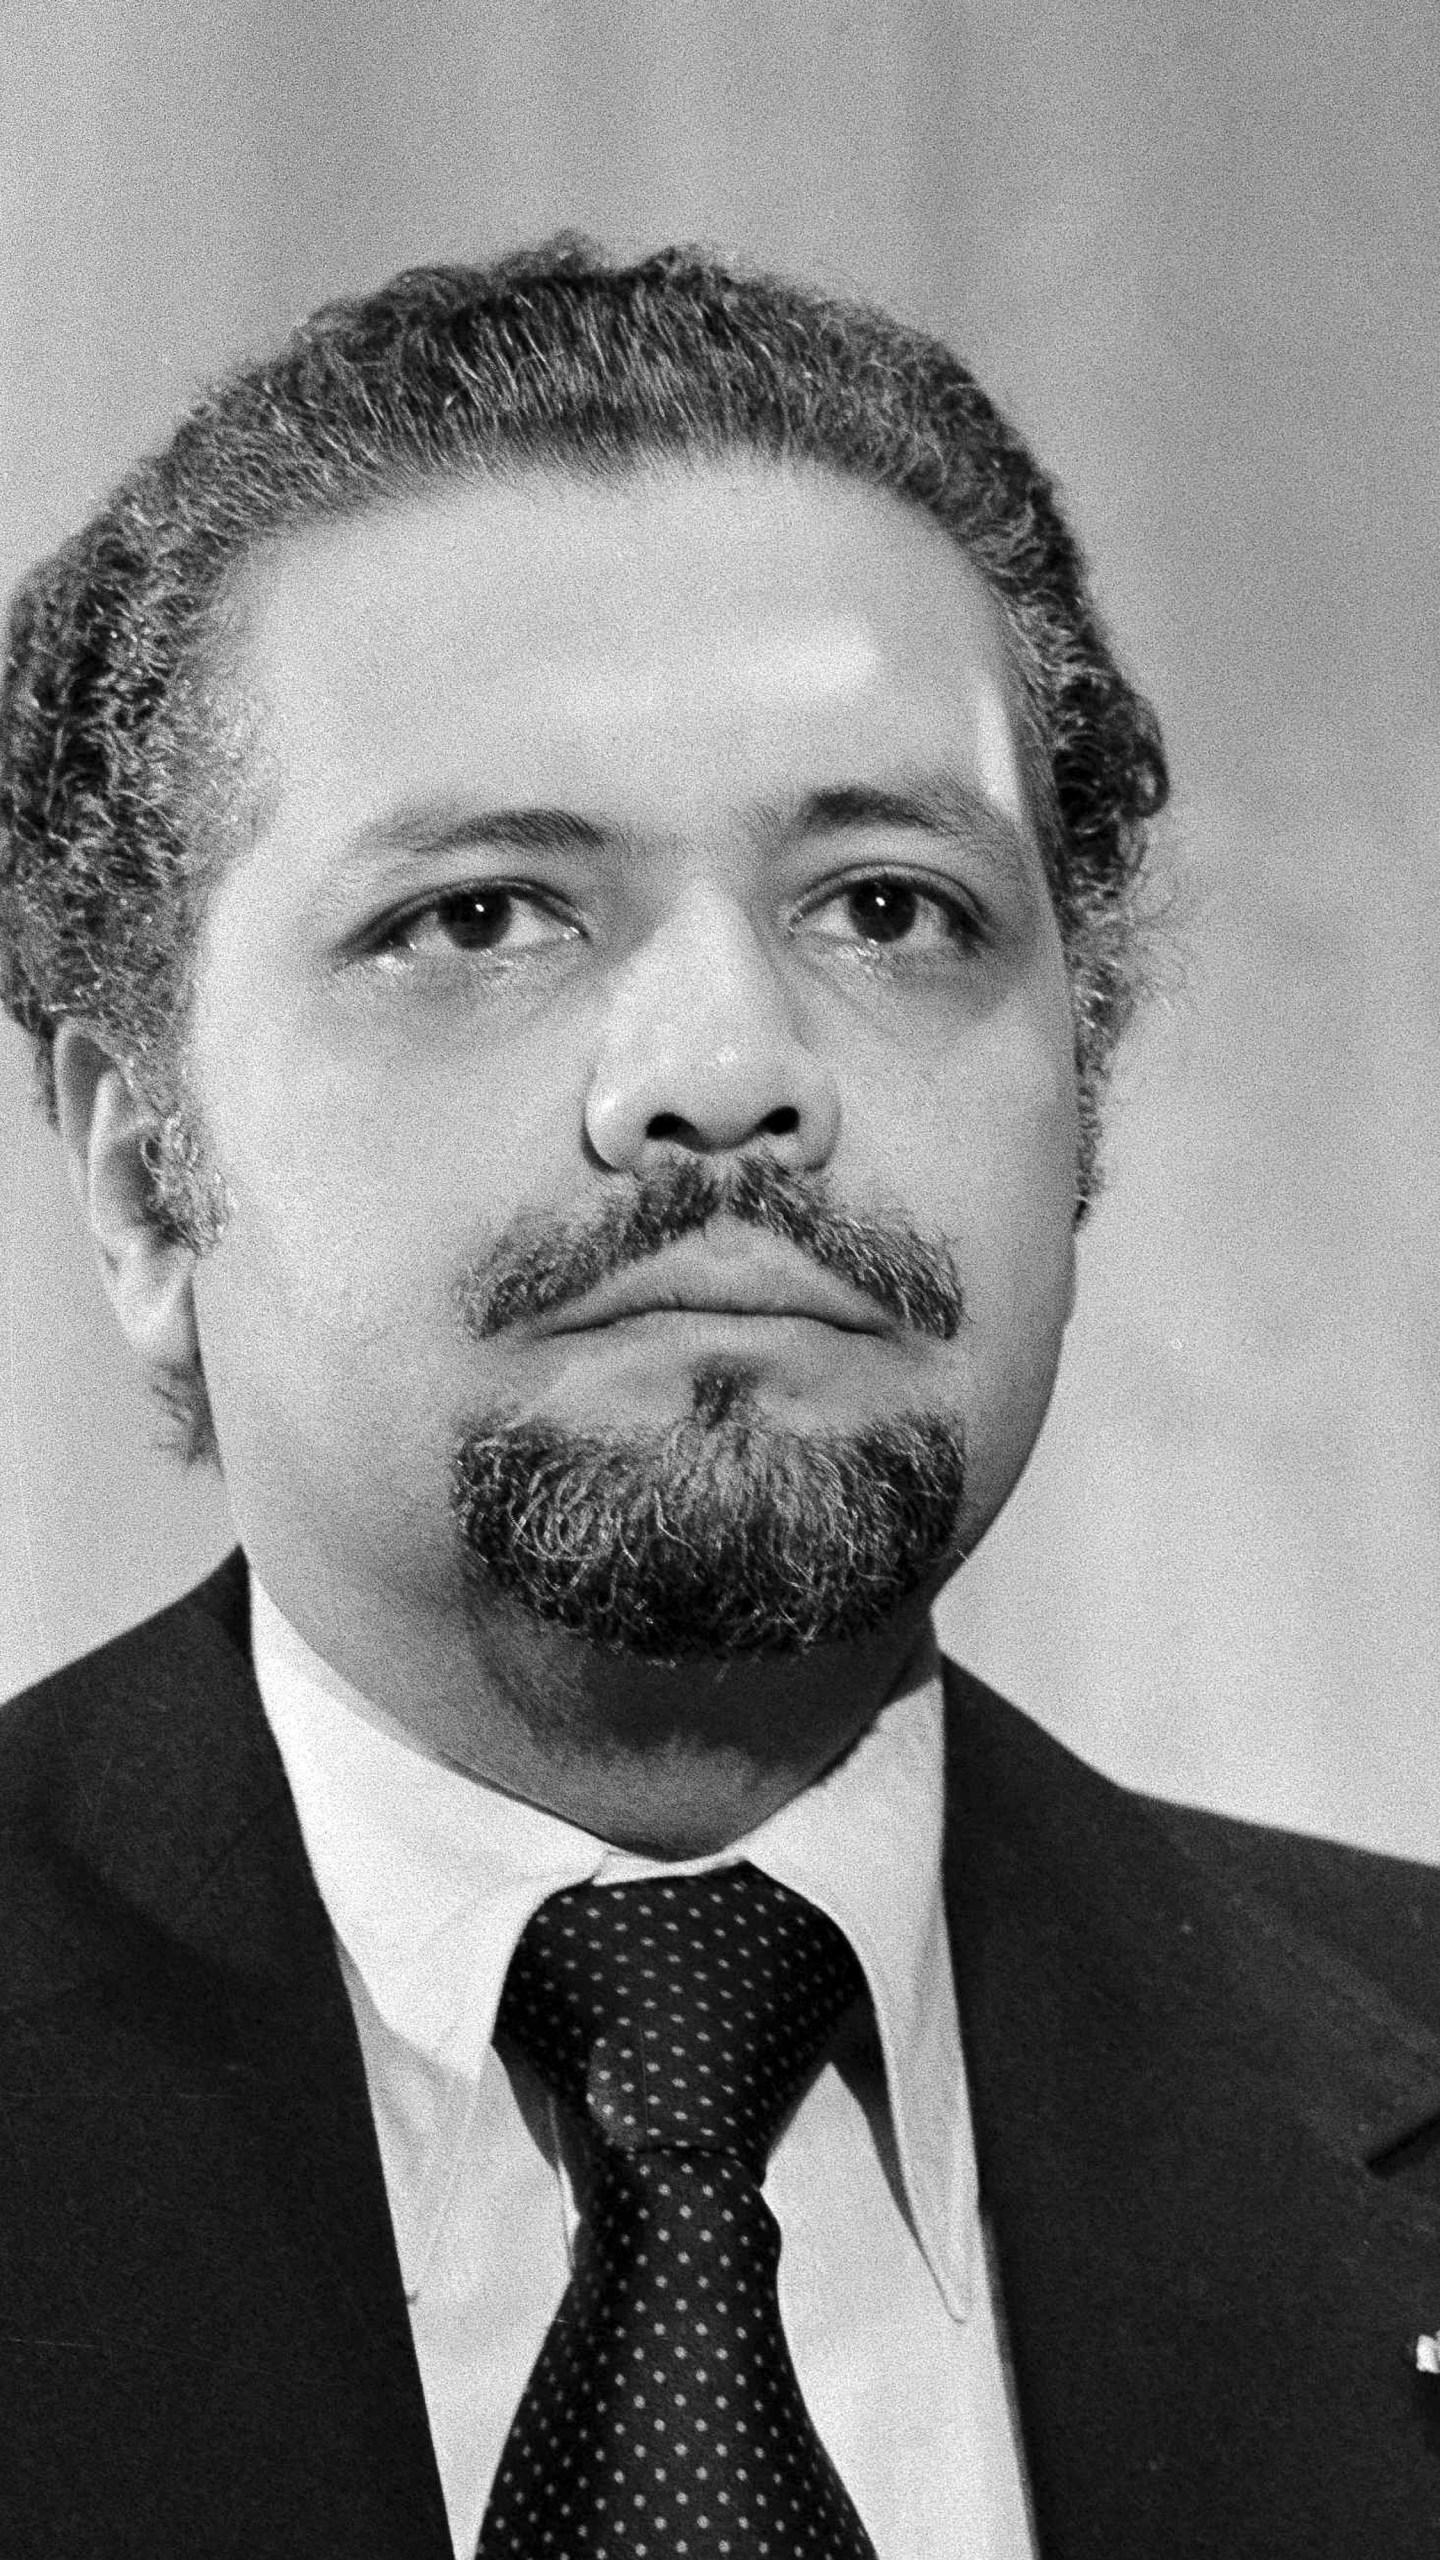 Ahmed Zaki Yamani